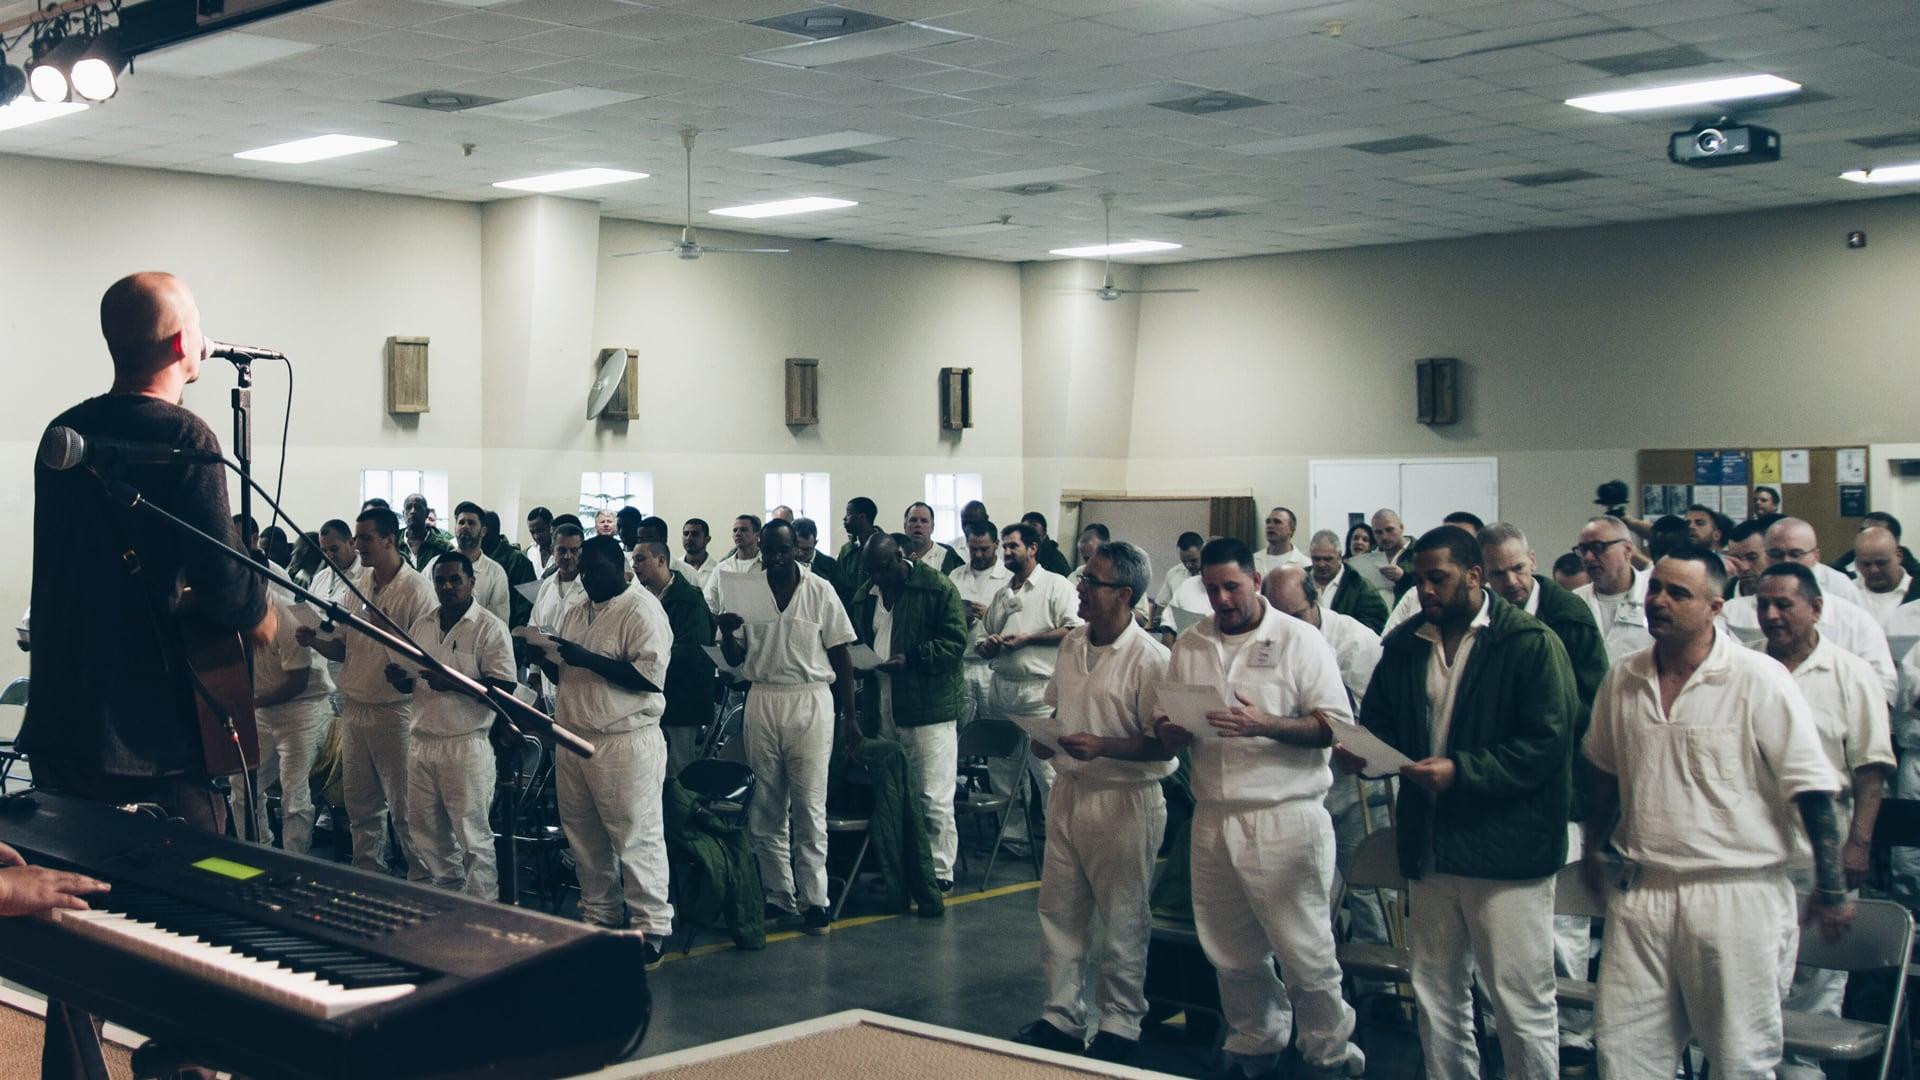 Hutchins State Prison